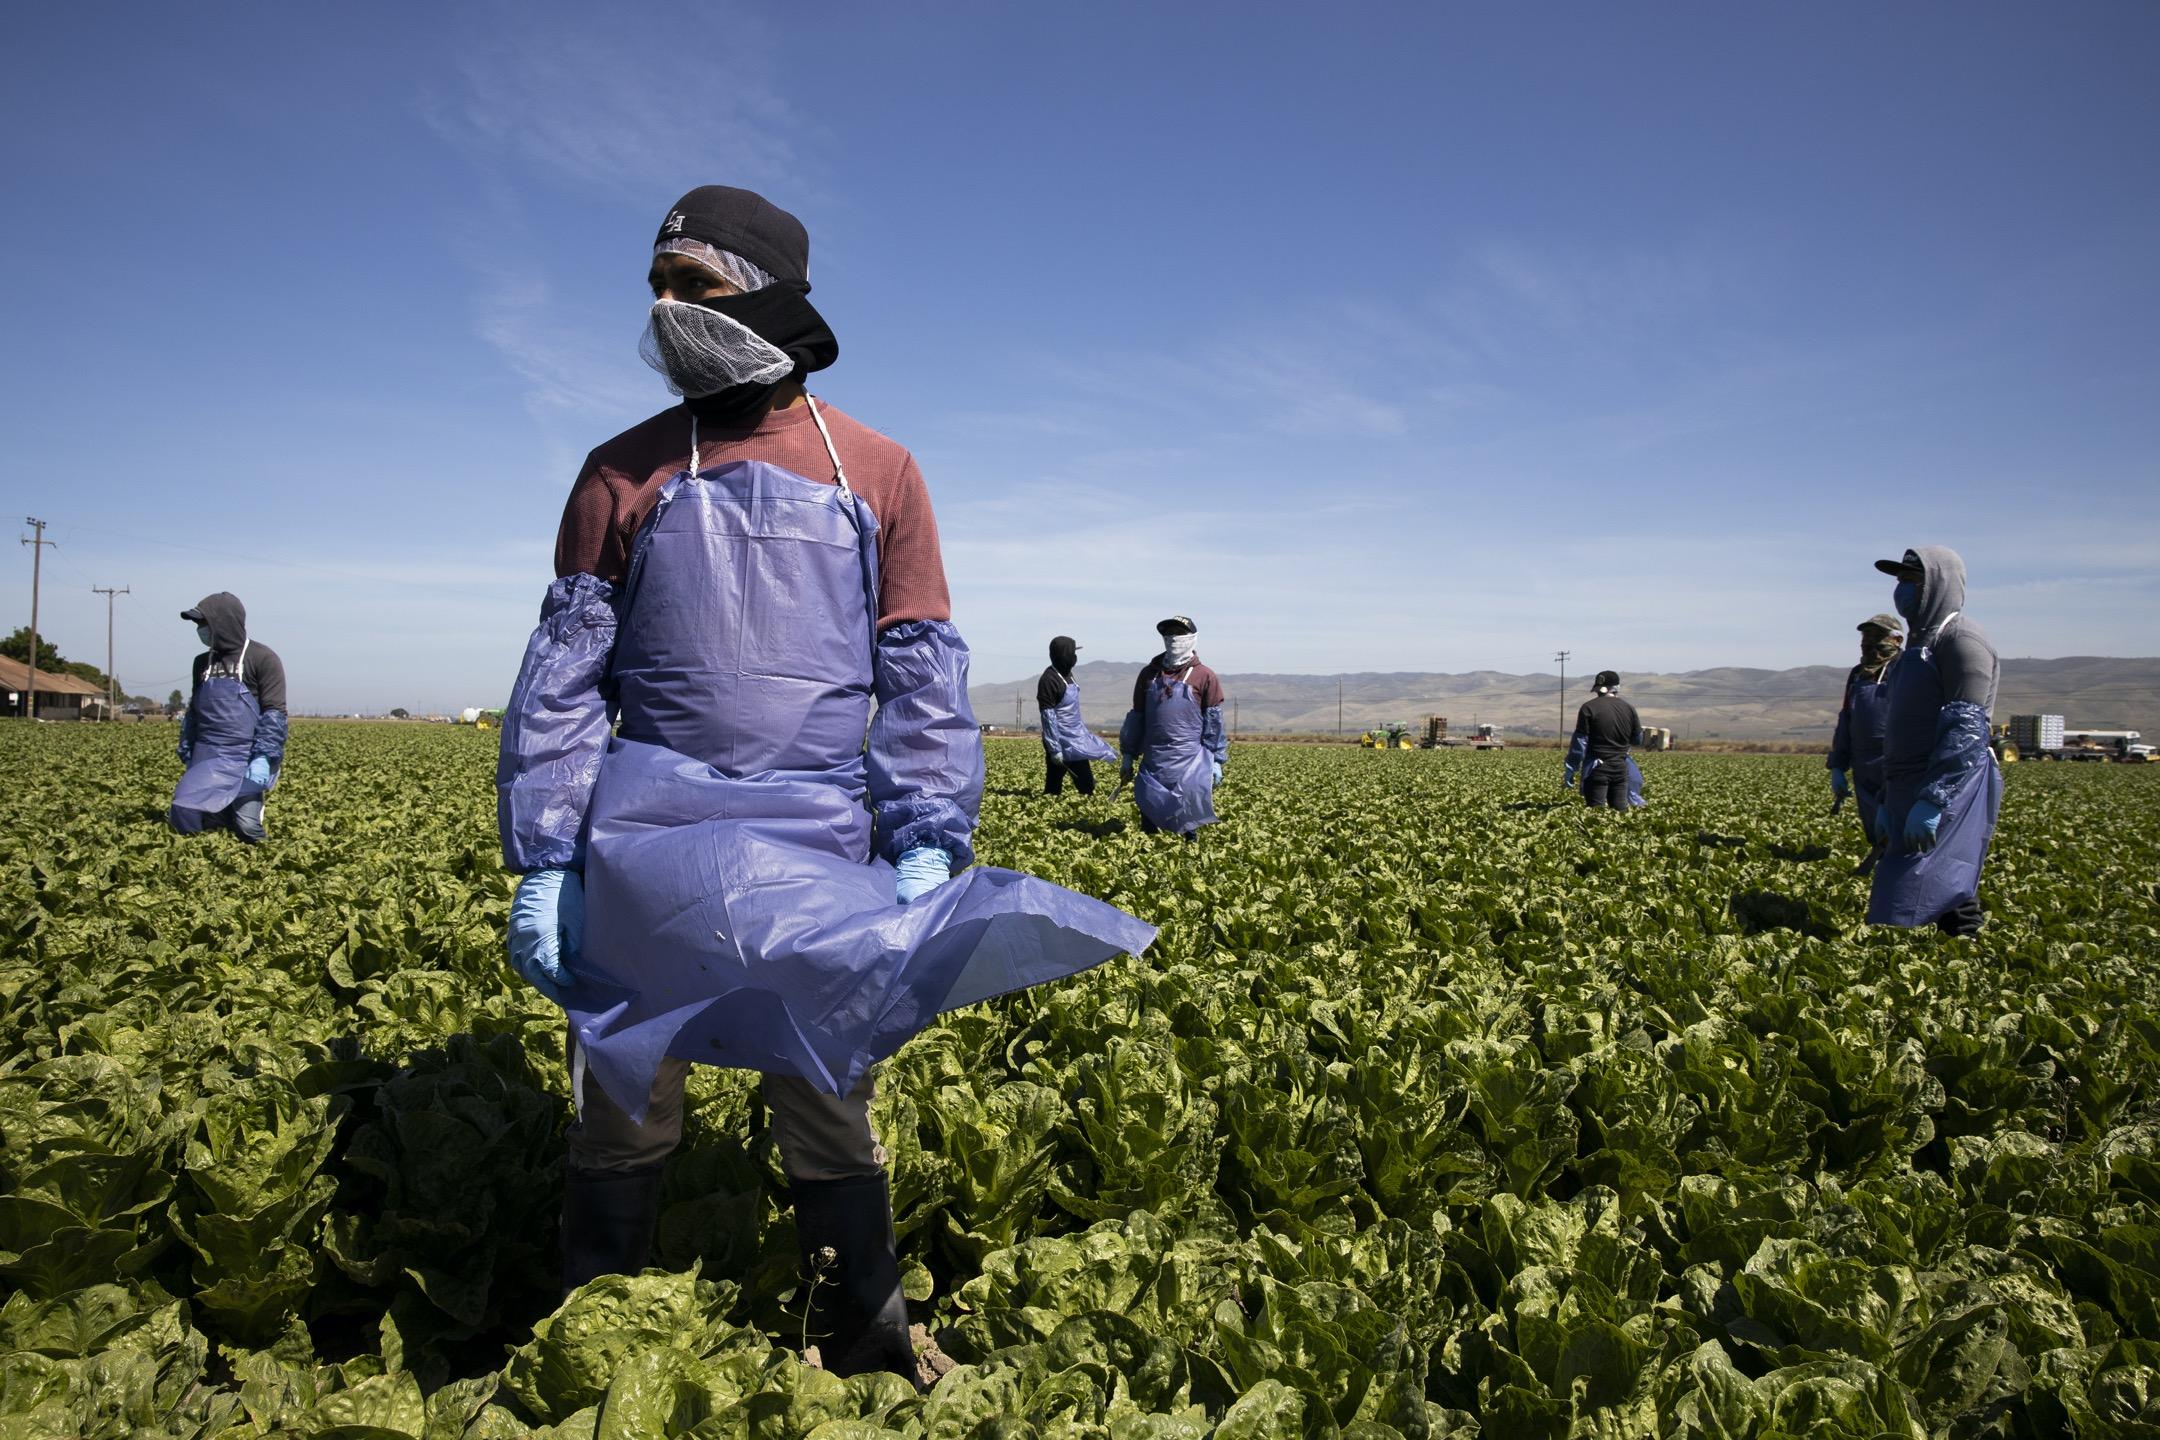 從三月到五月,美國農業州陸續傳出食品供應鏈受到嚴重衝擊。 攝:Brent Stirton/Getty Images